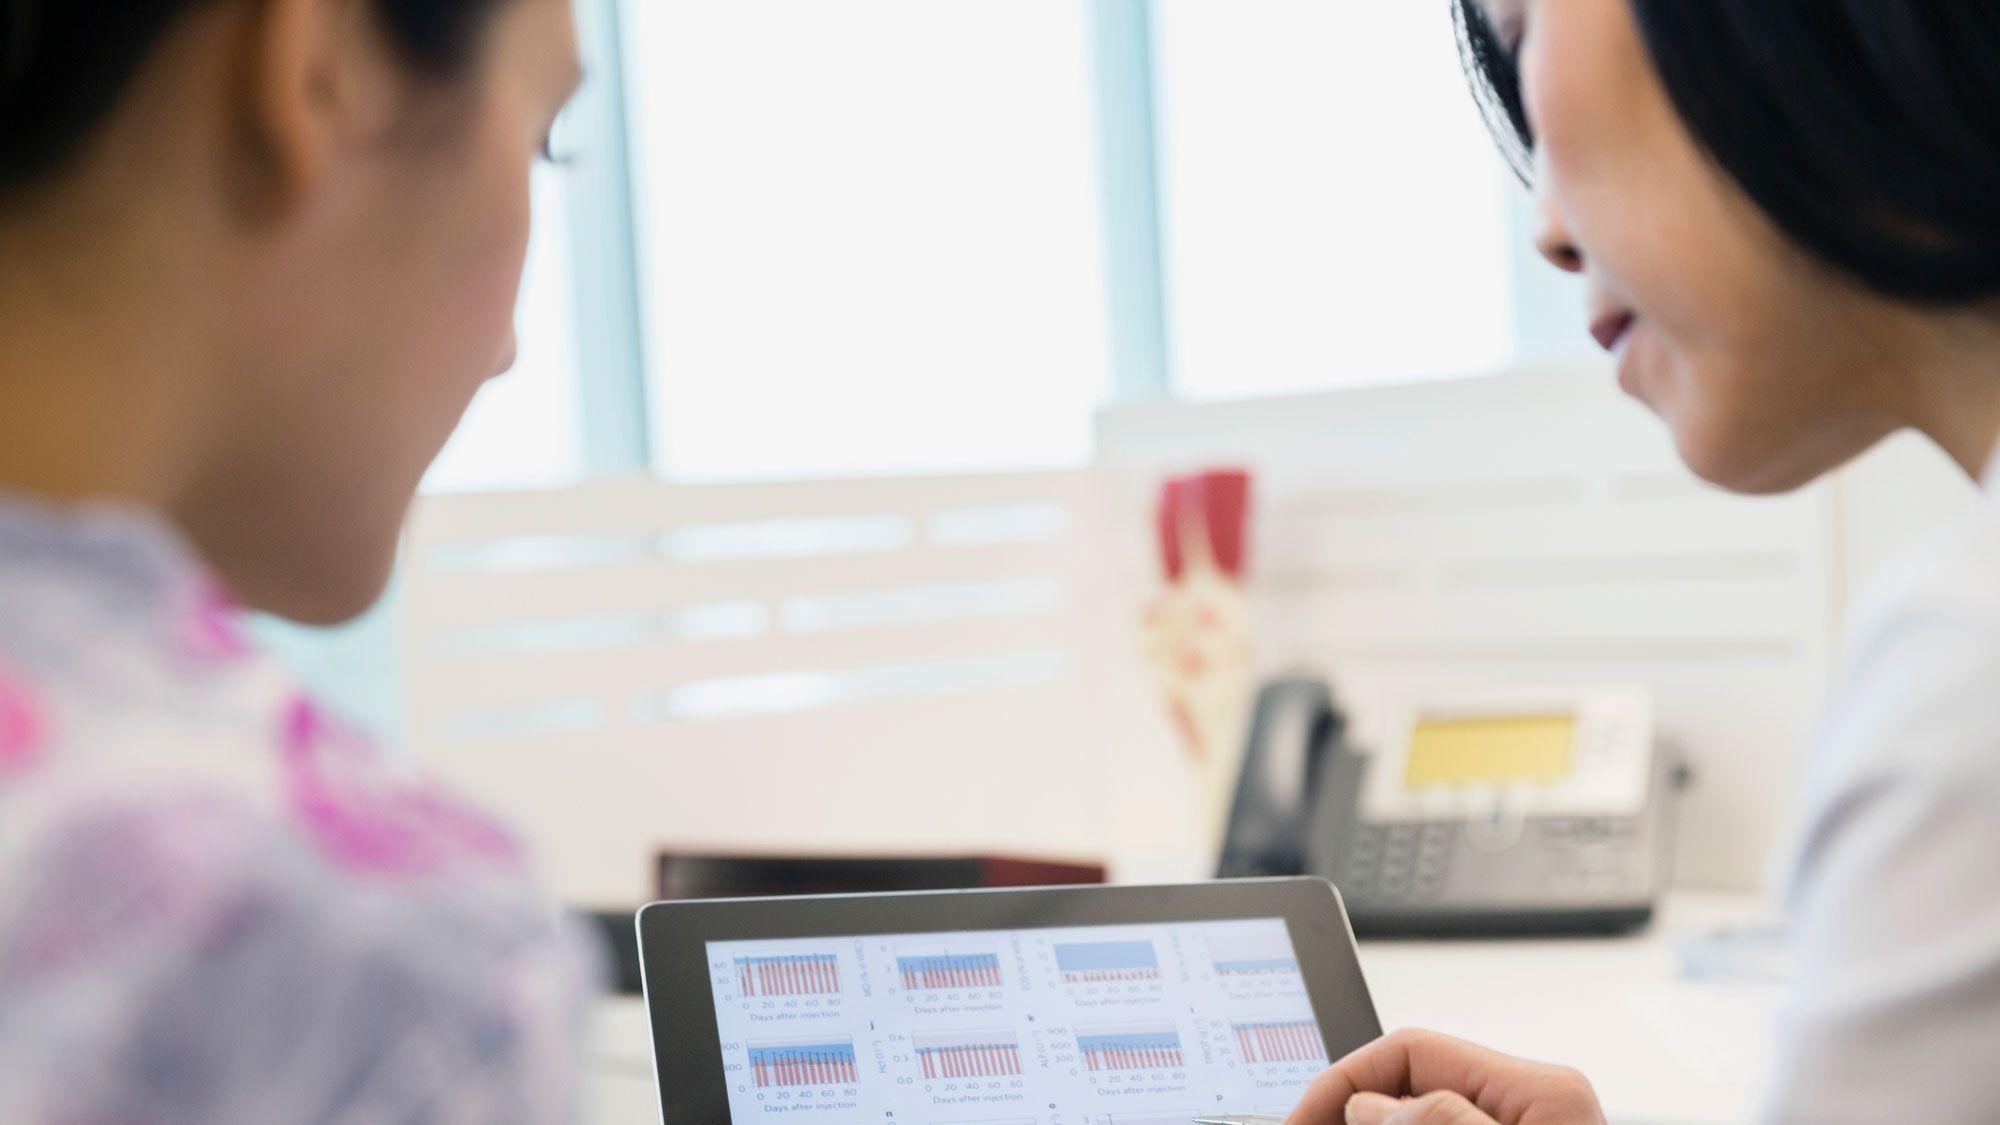 グーグルが米大手医療会社と提携、数百万人の健康情報収集へ